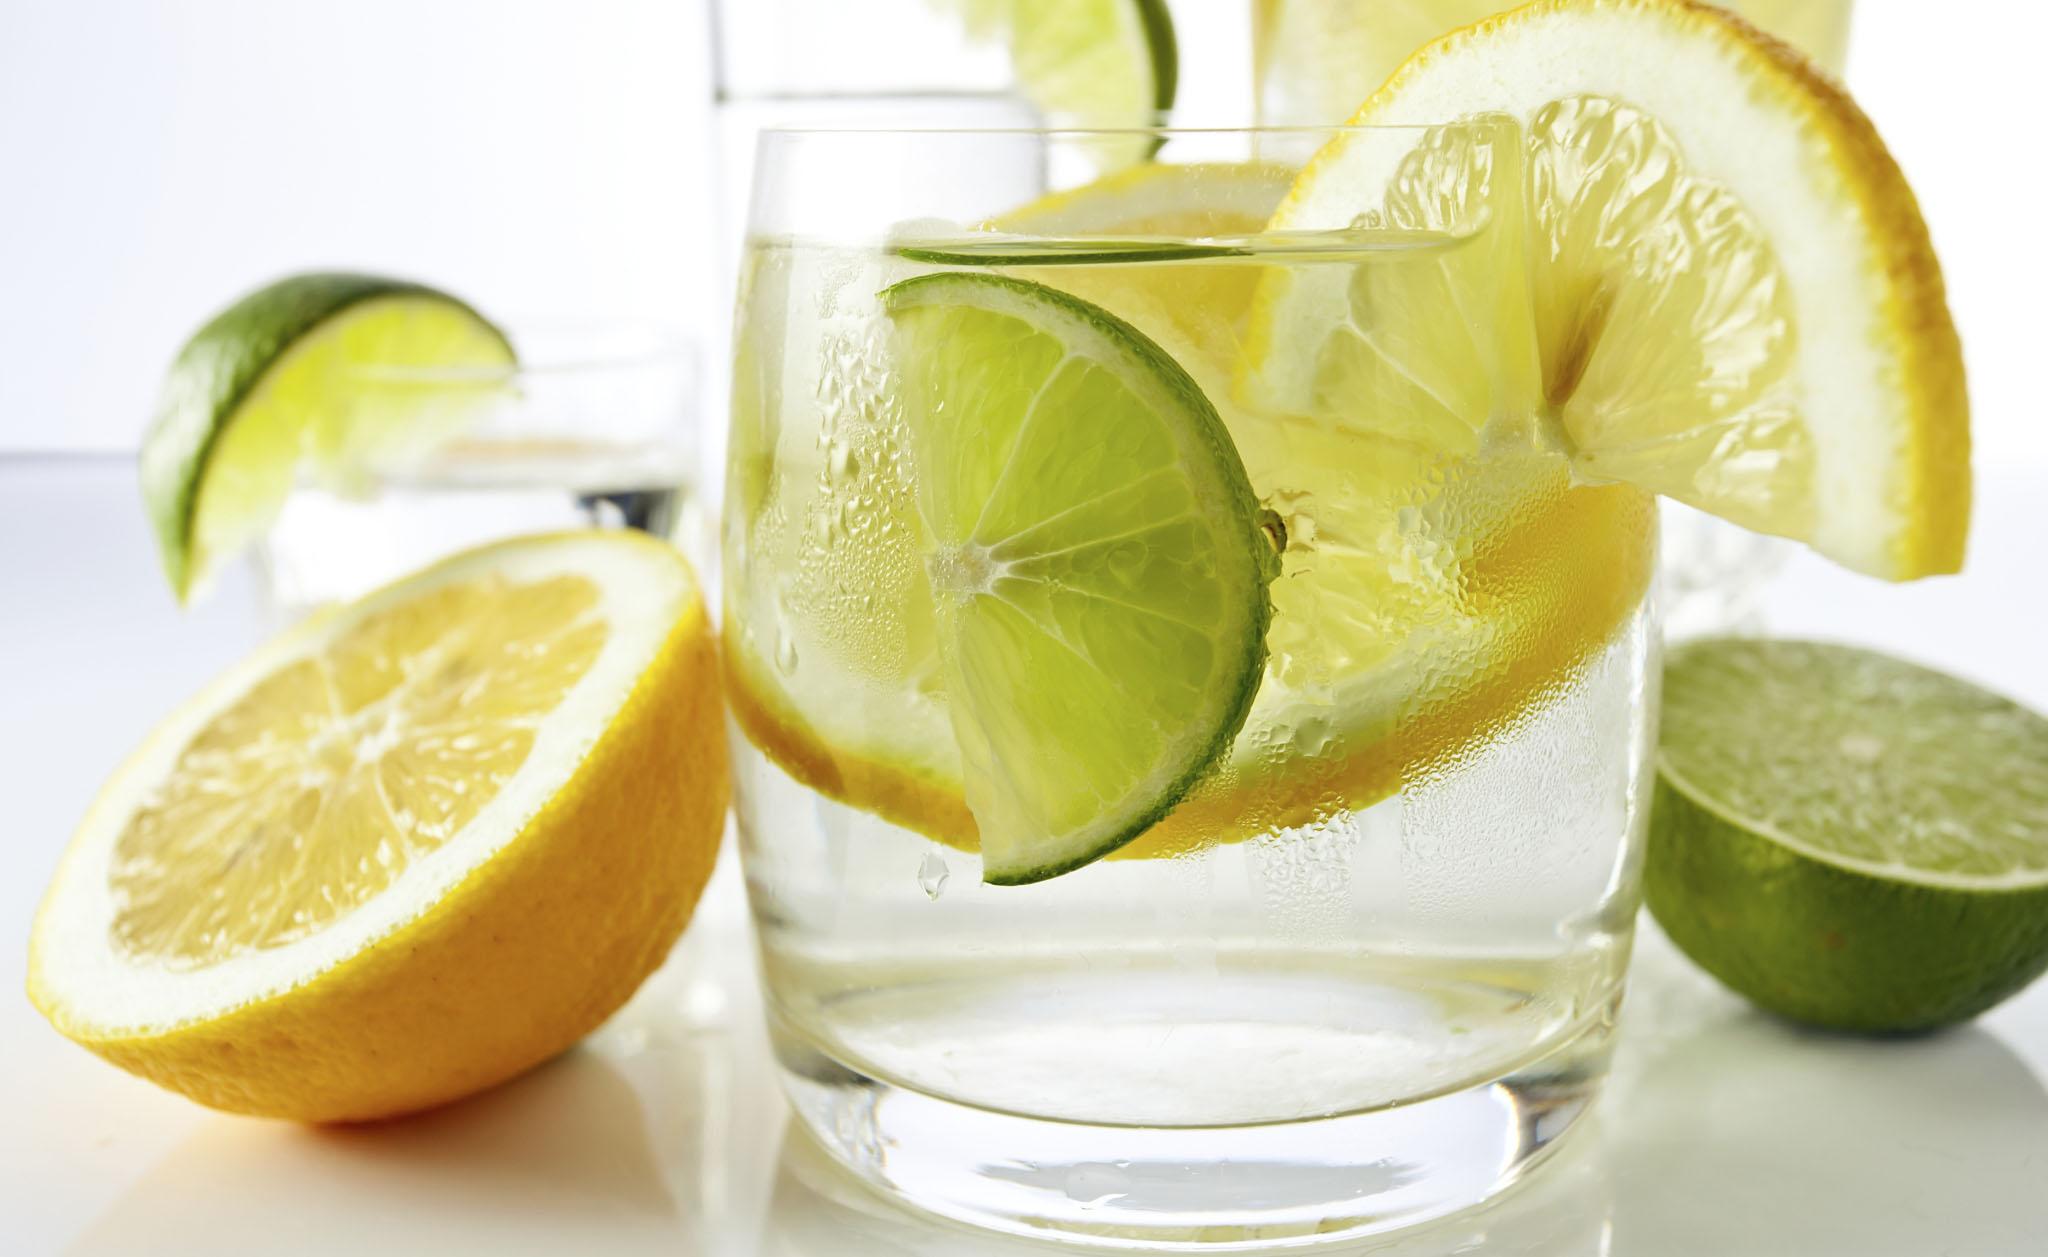 Acqua e limone: 10 motivi per berla tutti i giorni